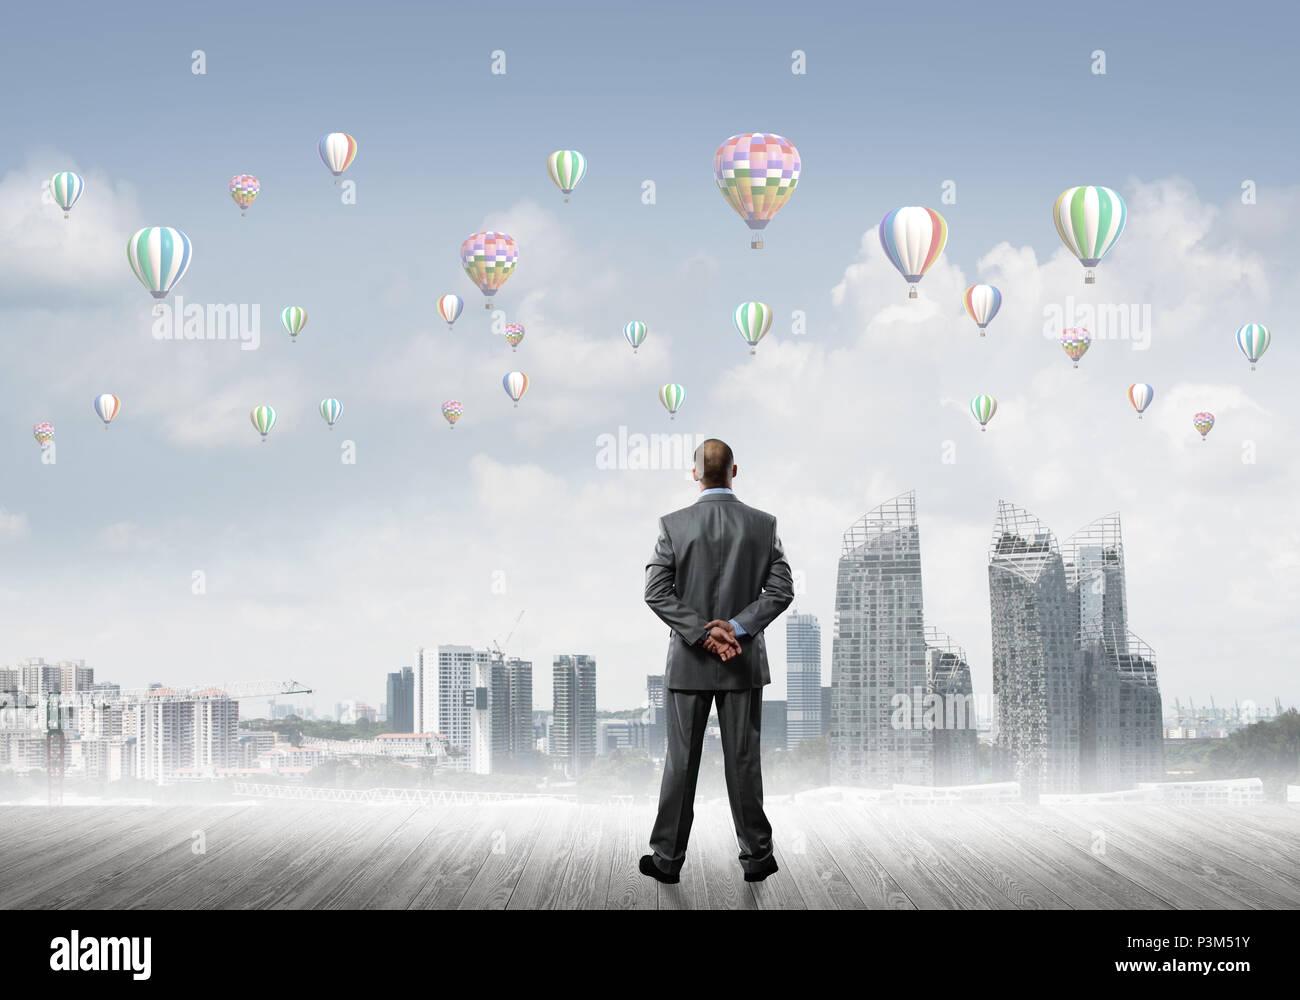 Motivation und Inspiration-Konzept mit modernen Stadtbild und Geschäftsmann beobachtet Stockbild